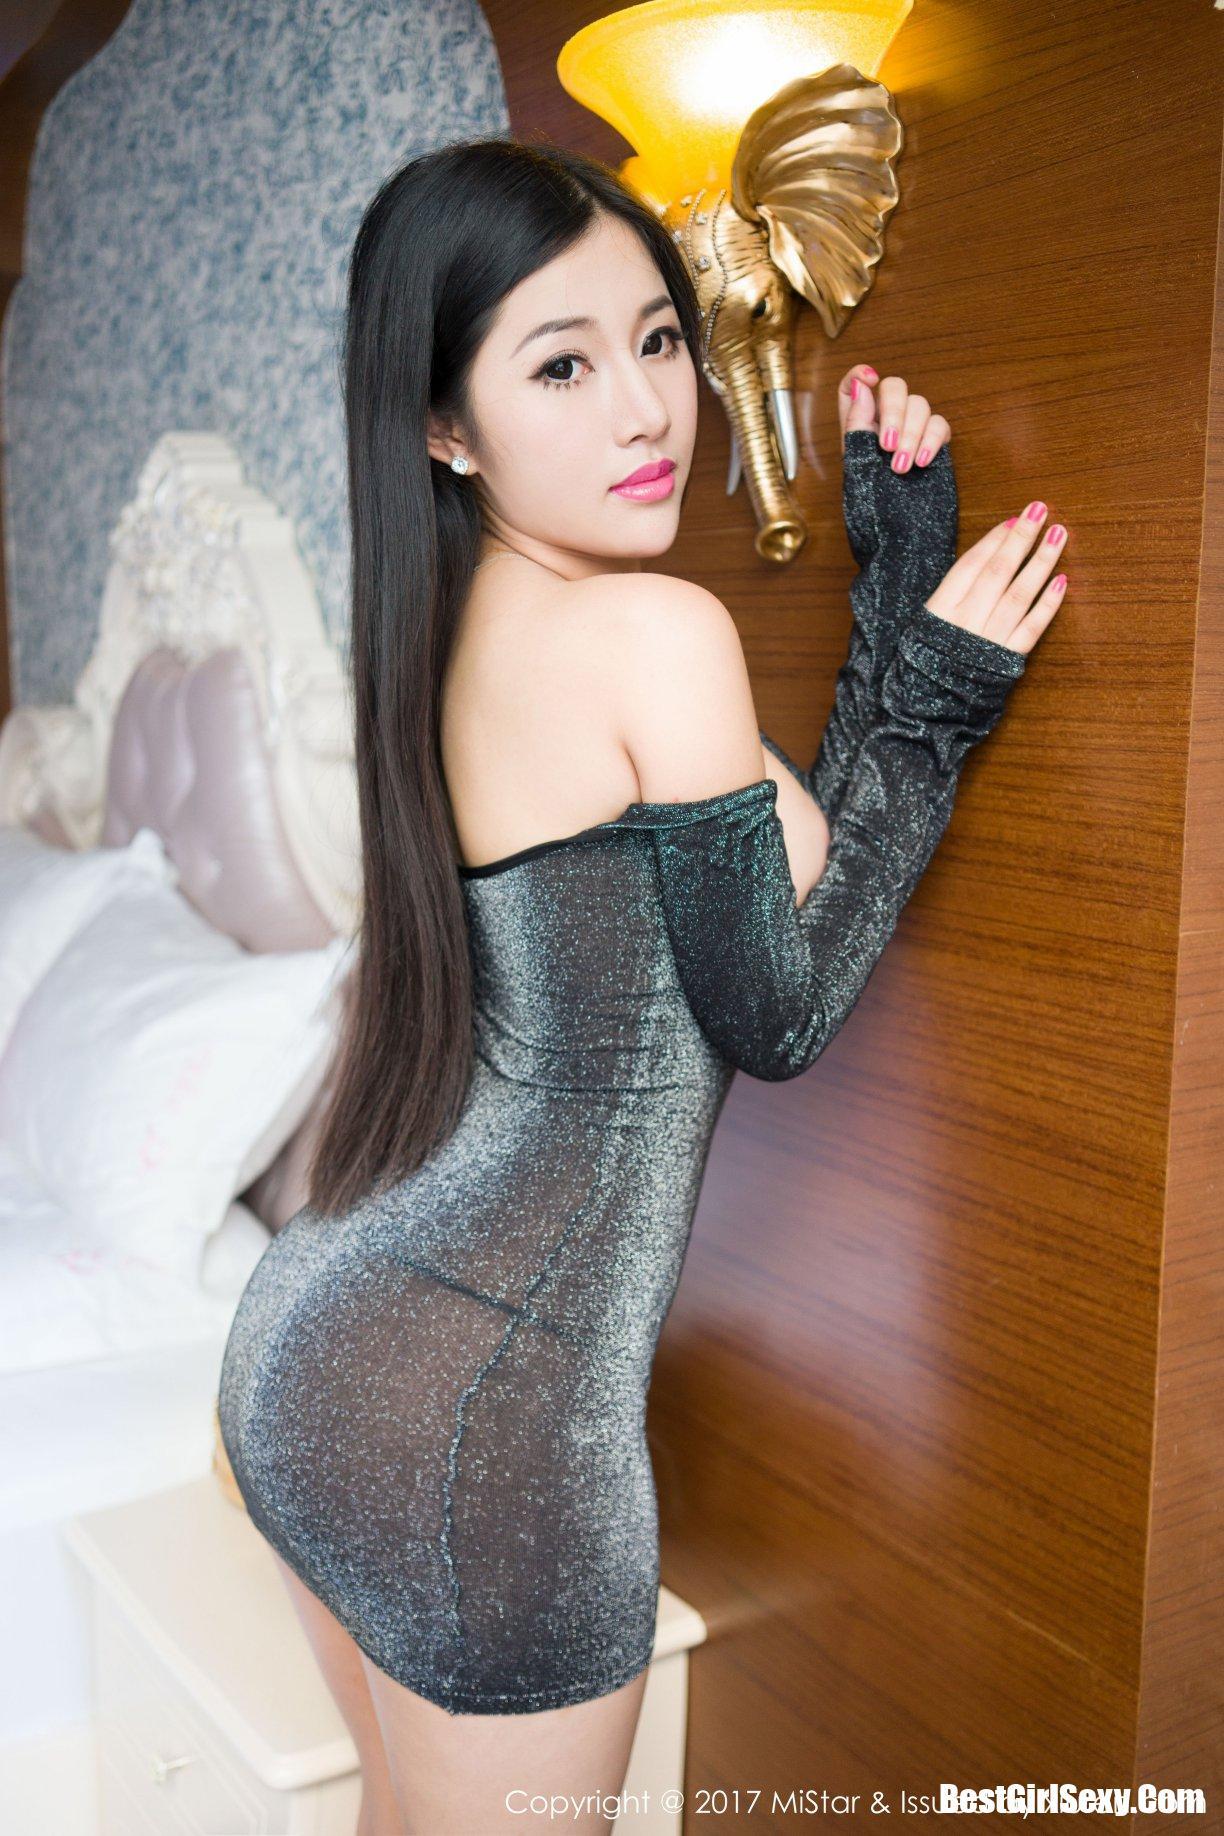 陈嘉嘉Tiffany, MiStar魅妍社 Vol.193 Chen Jia Jia Tiffany, MiStar魅妍社 Vol.193, Chen Jia Jia Tiffany